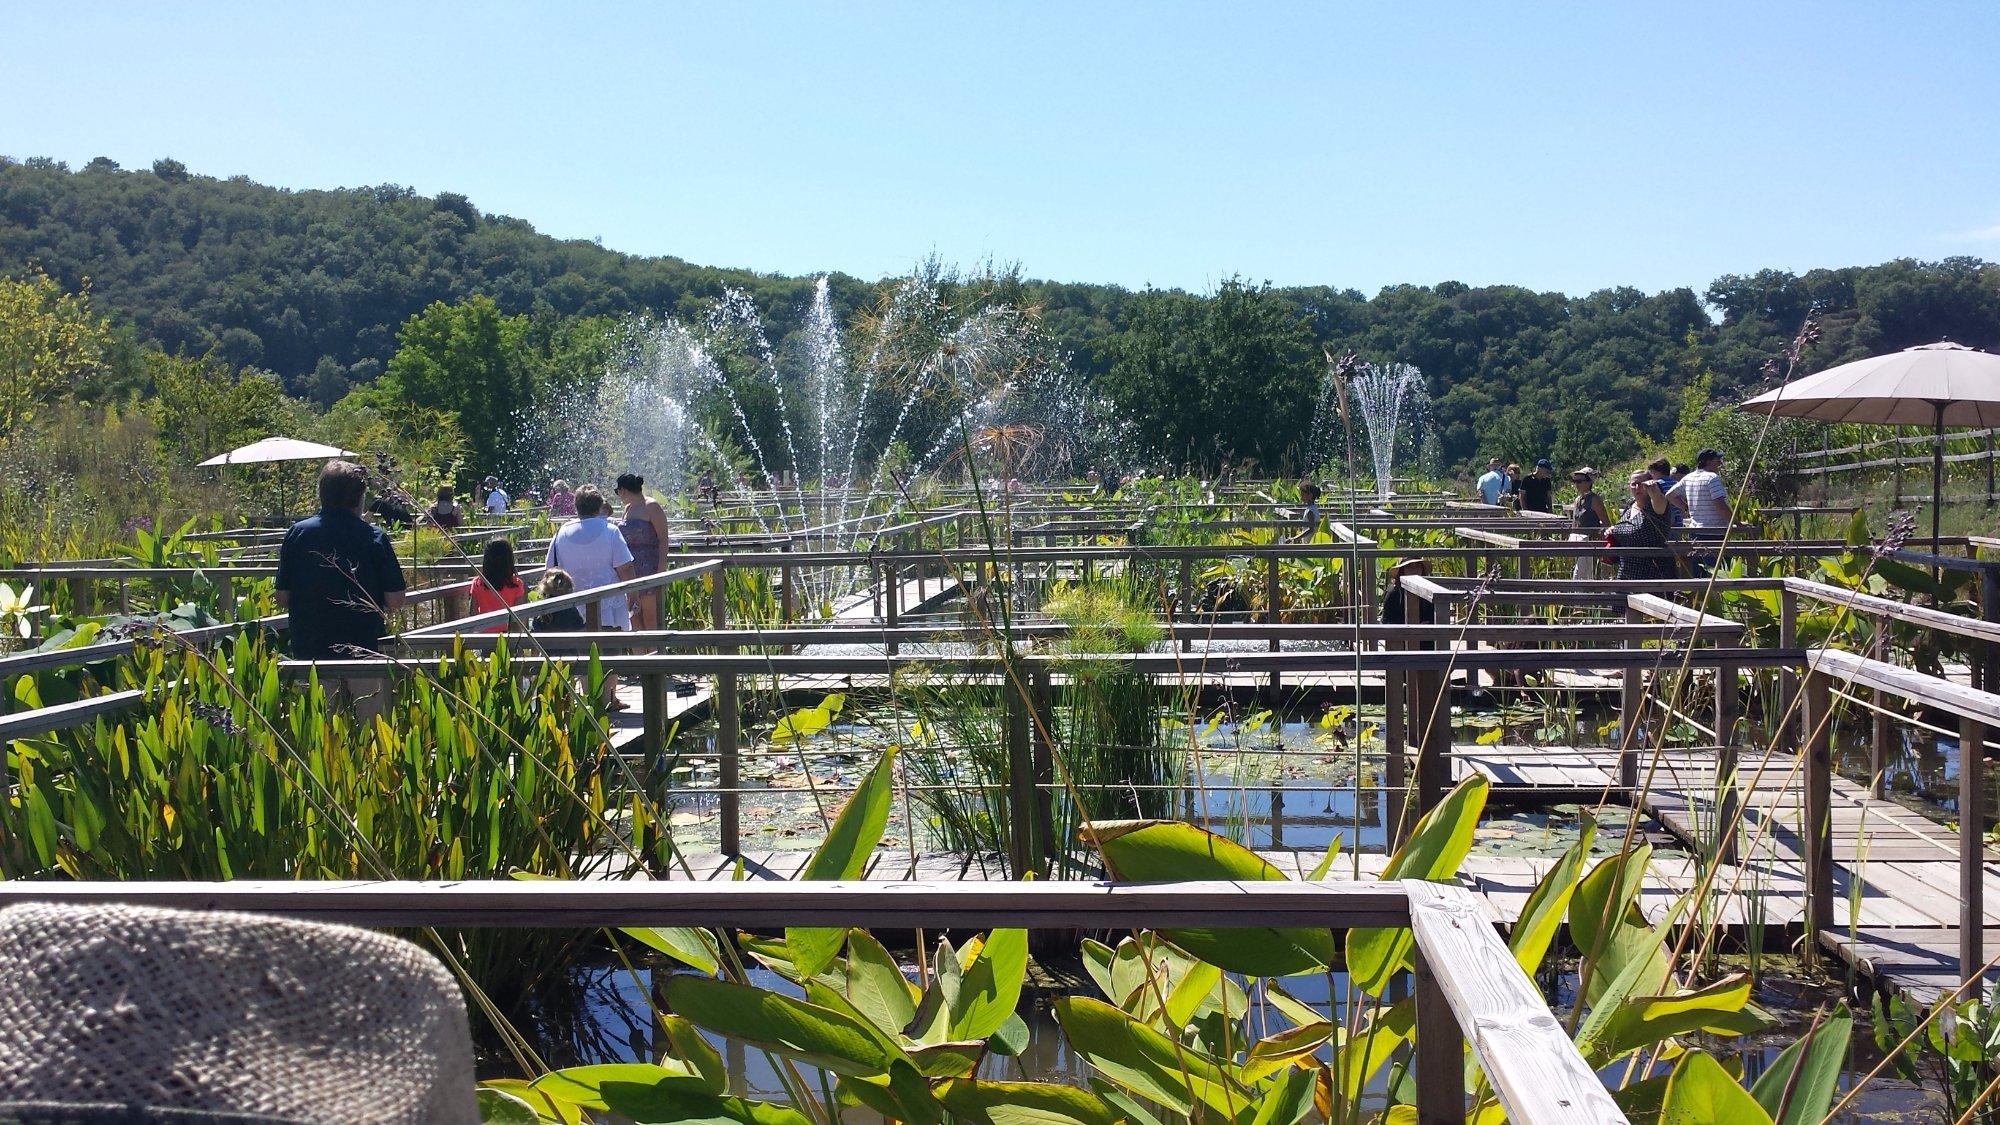 1700-jardins-d'eau-de-carsac-aillac-dordogne-nouvelle-aquitaine.jpg